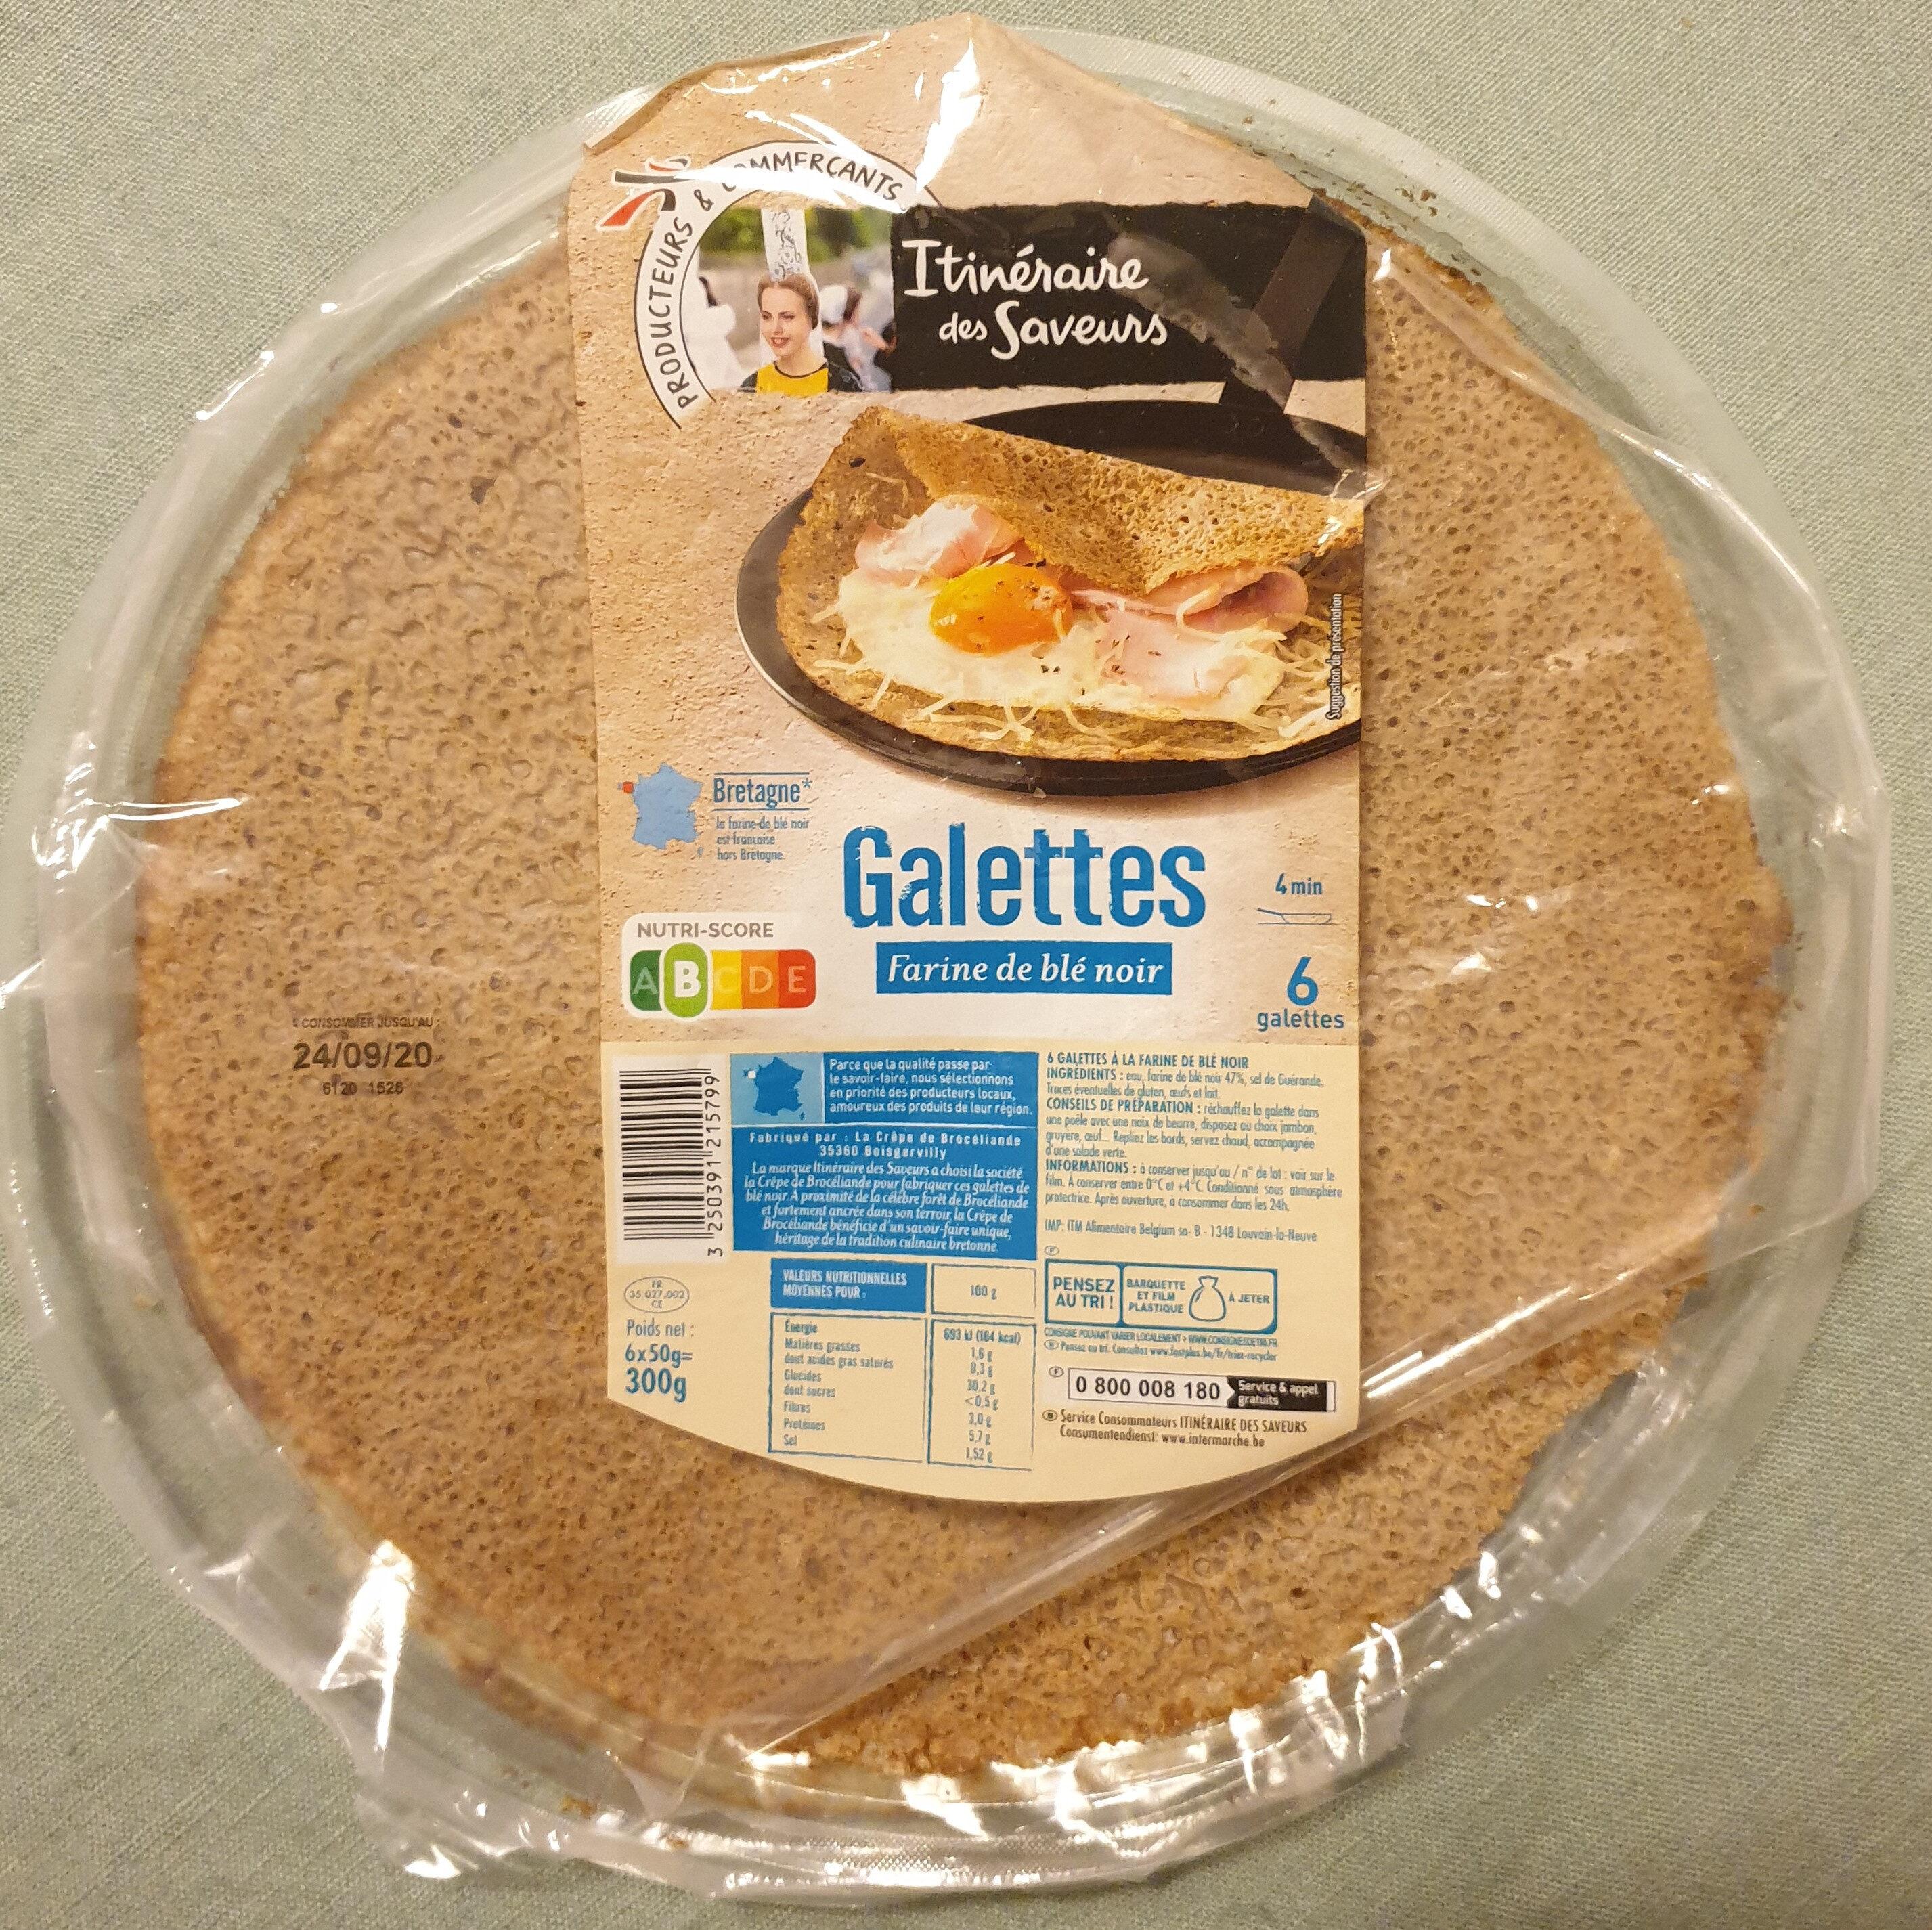 Galettes farine de blé noir - Product - fr